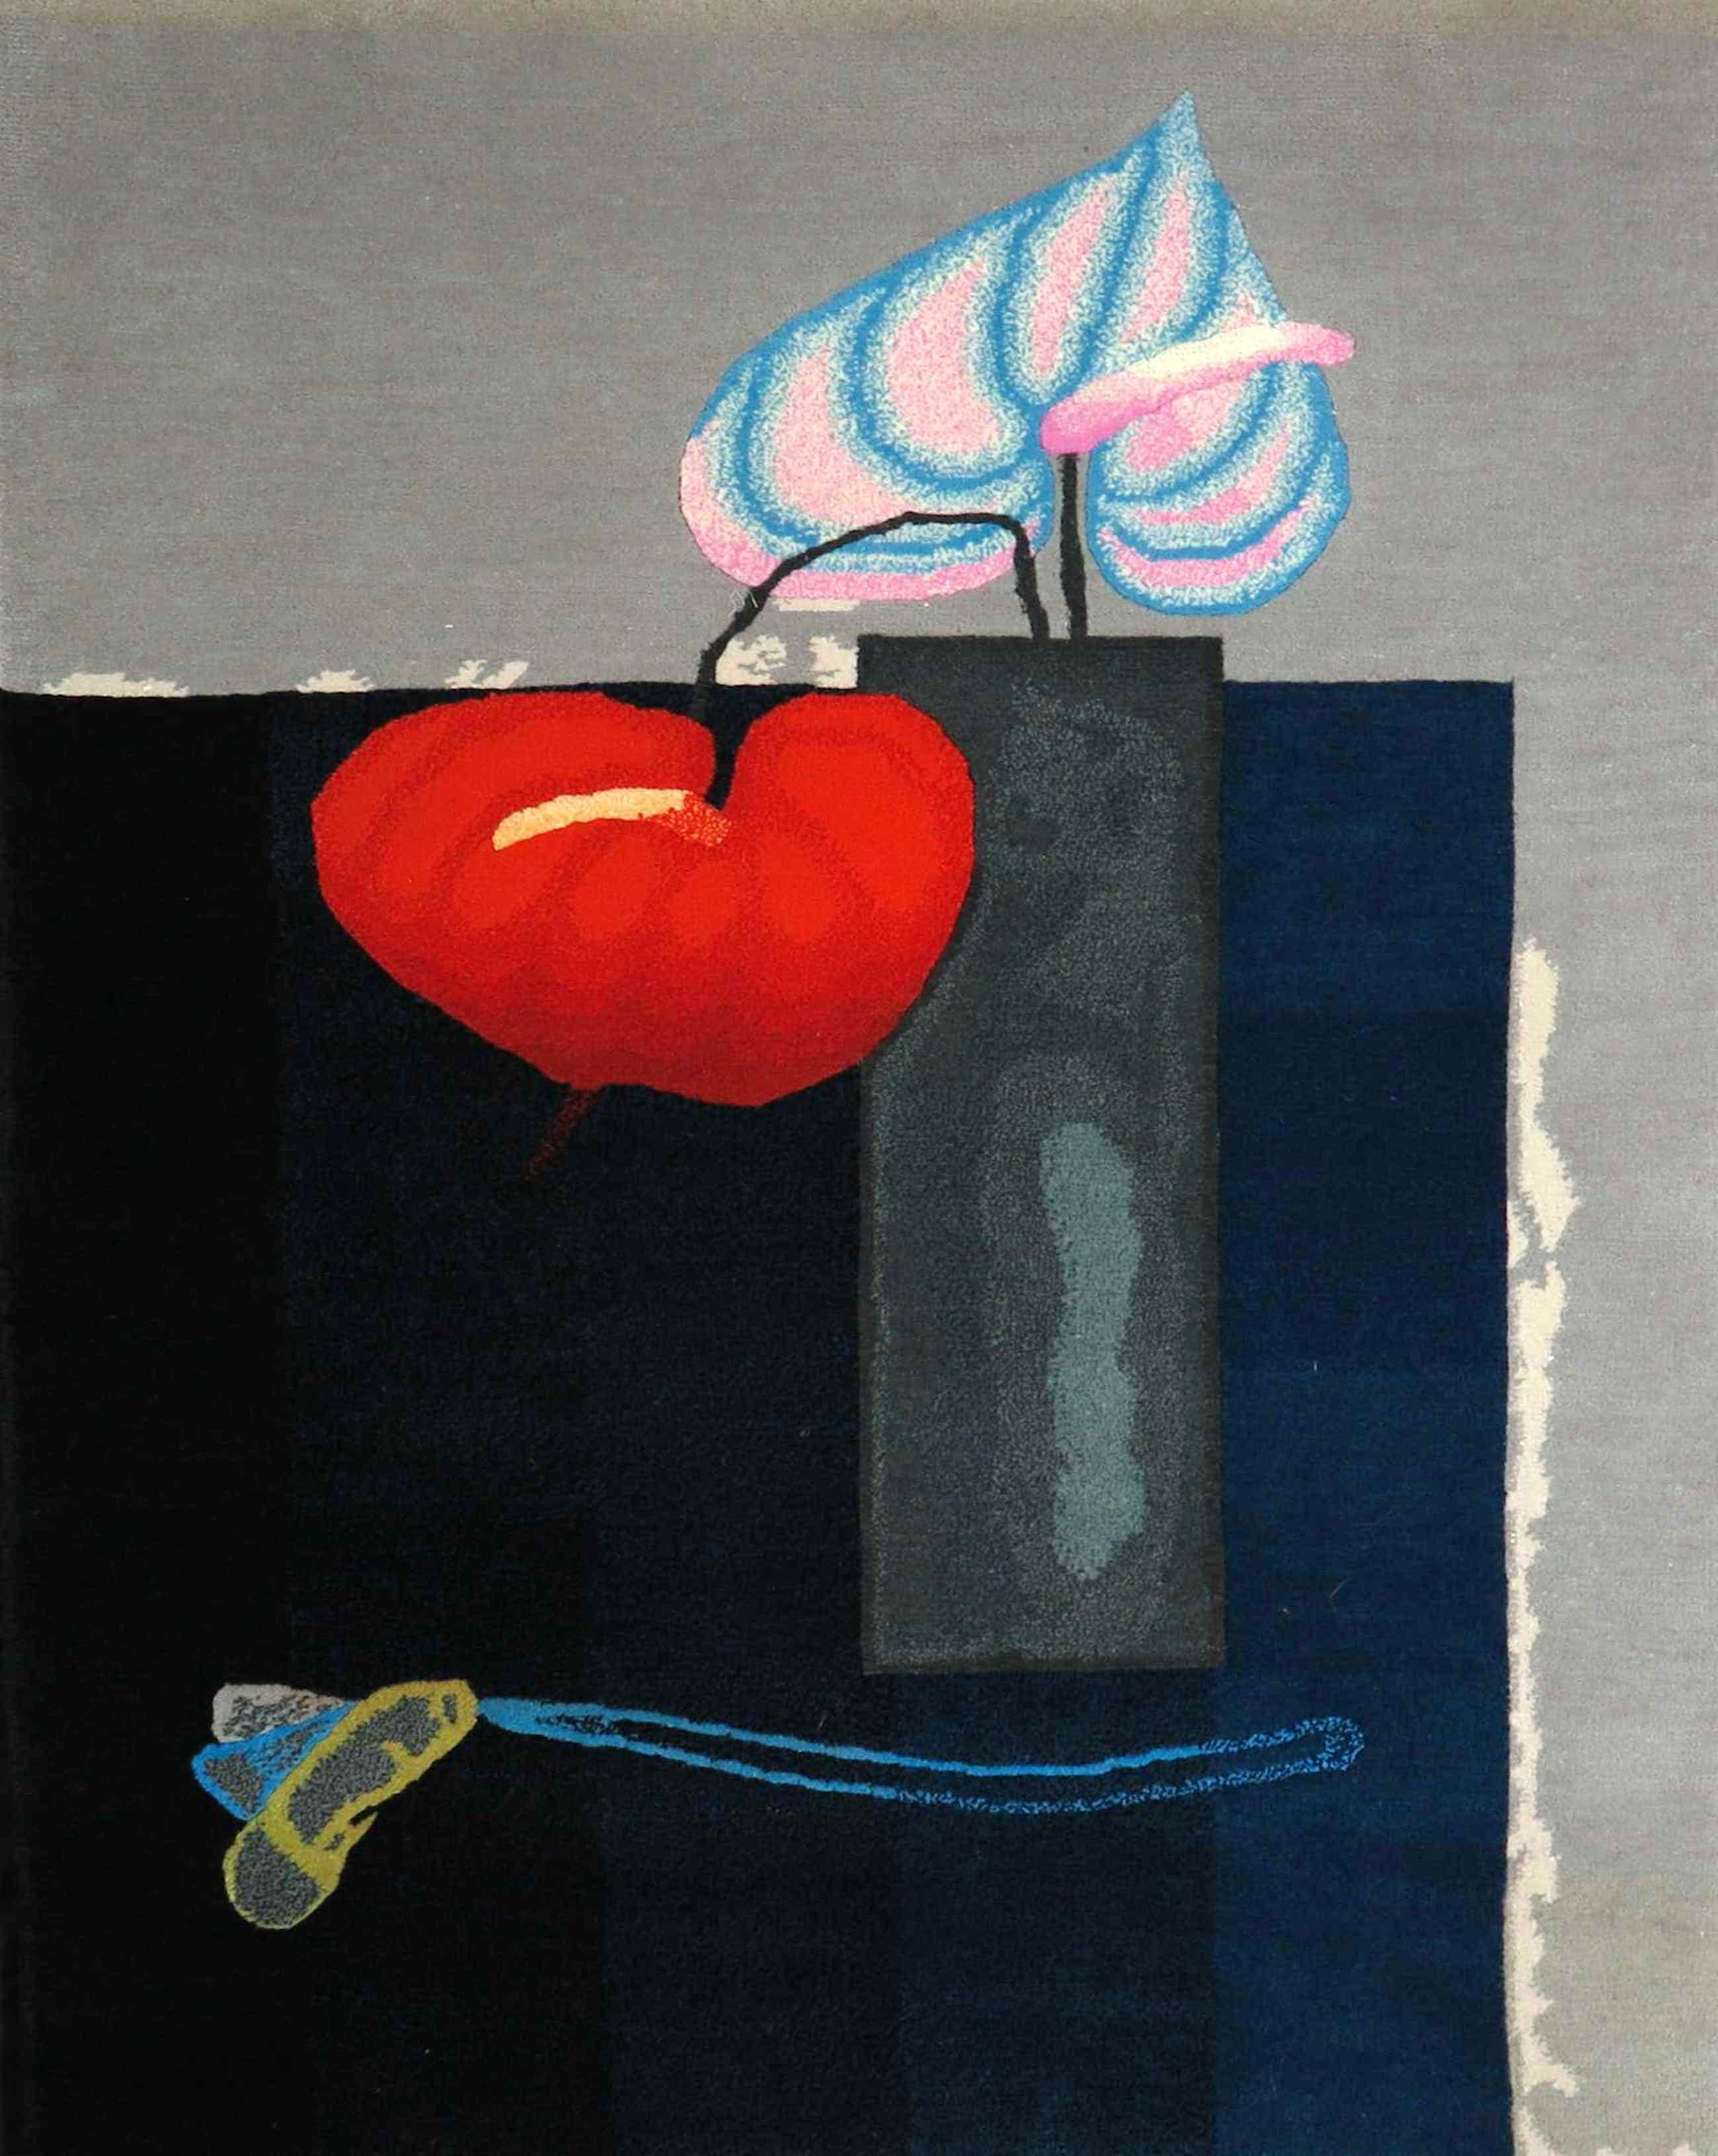 Paul Wunderlich - Handgeknoopt tapijt (wol), Vase mit zwei Anturien + certificaat kopen? Bied vanaf 480!